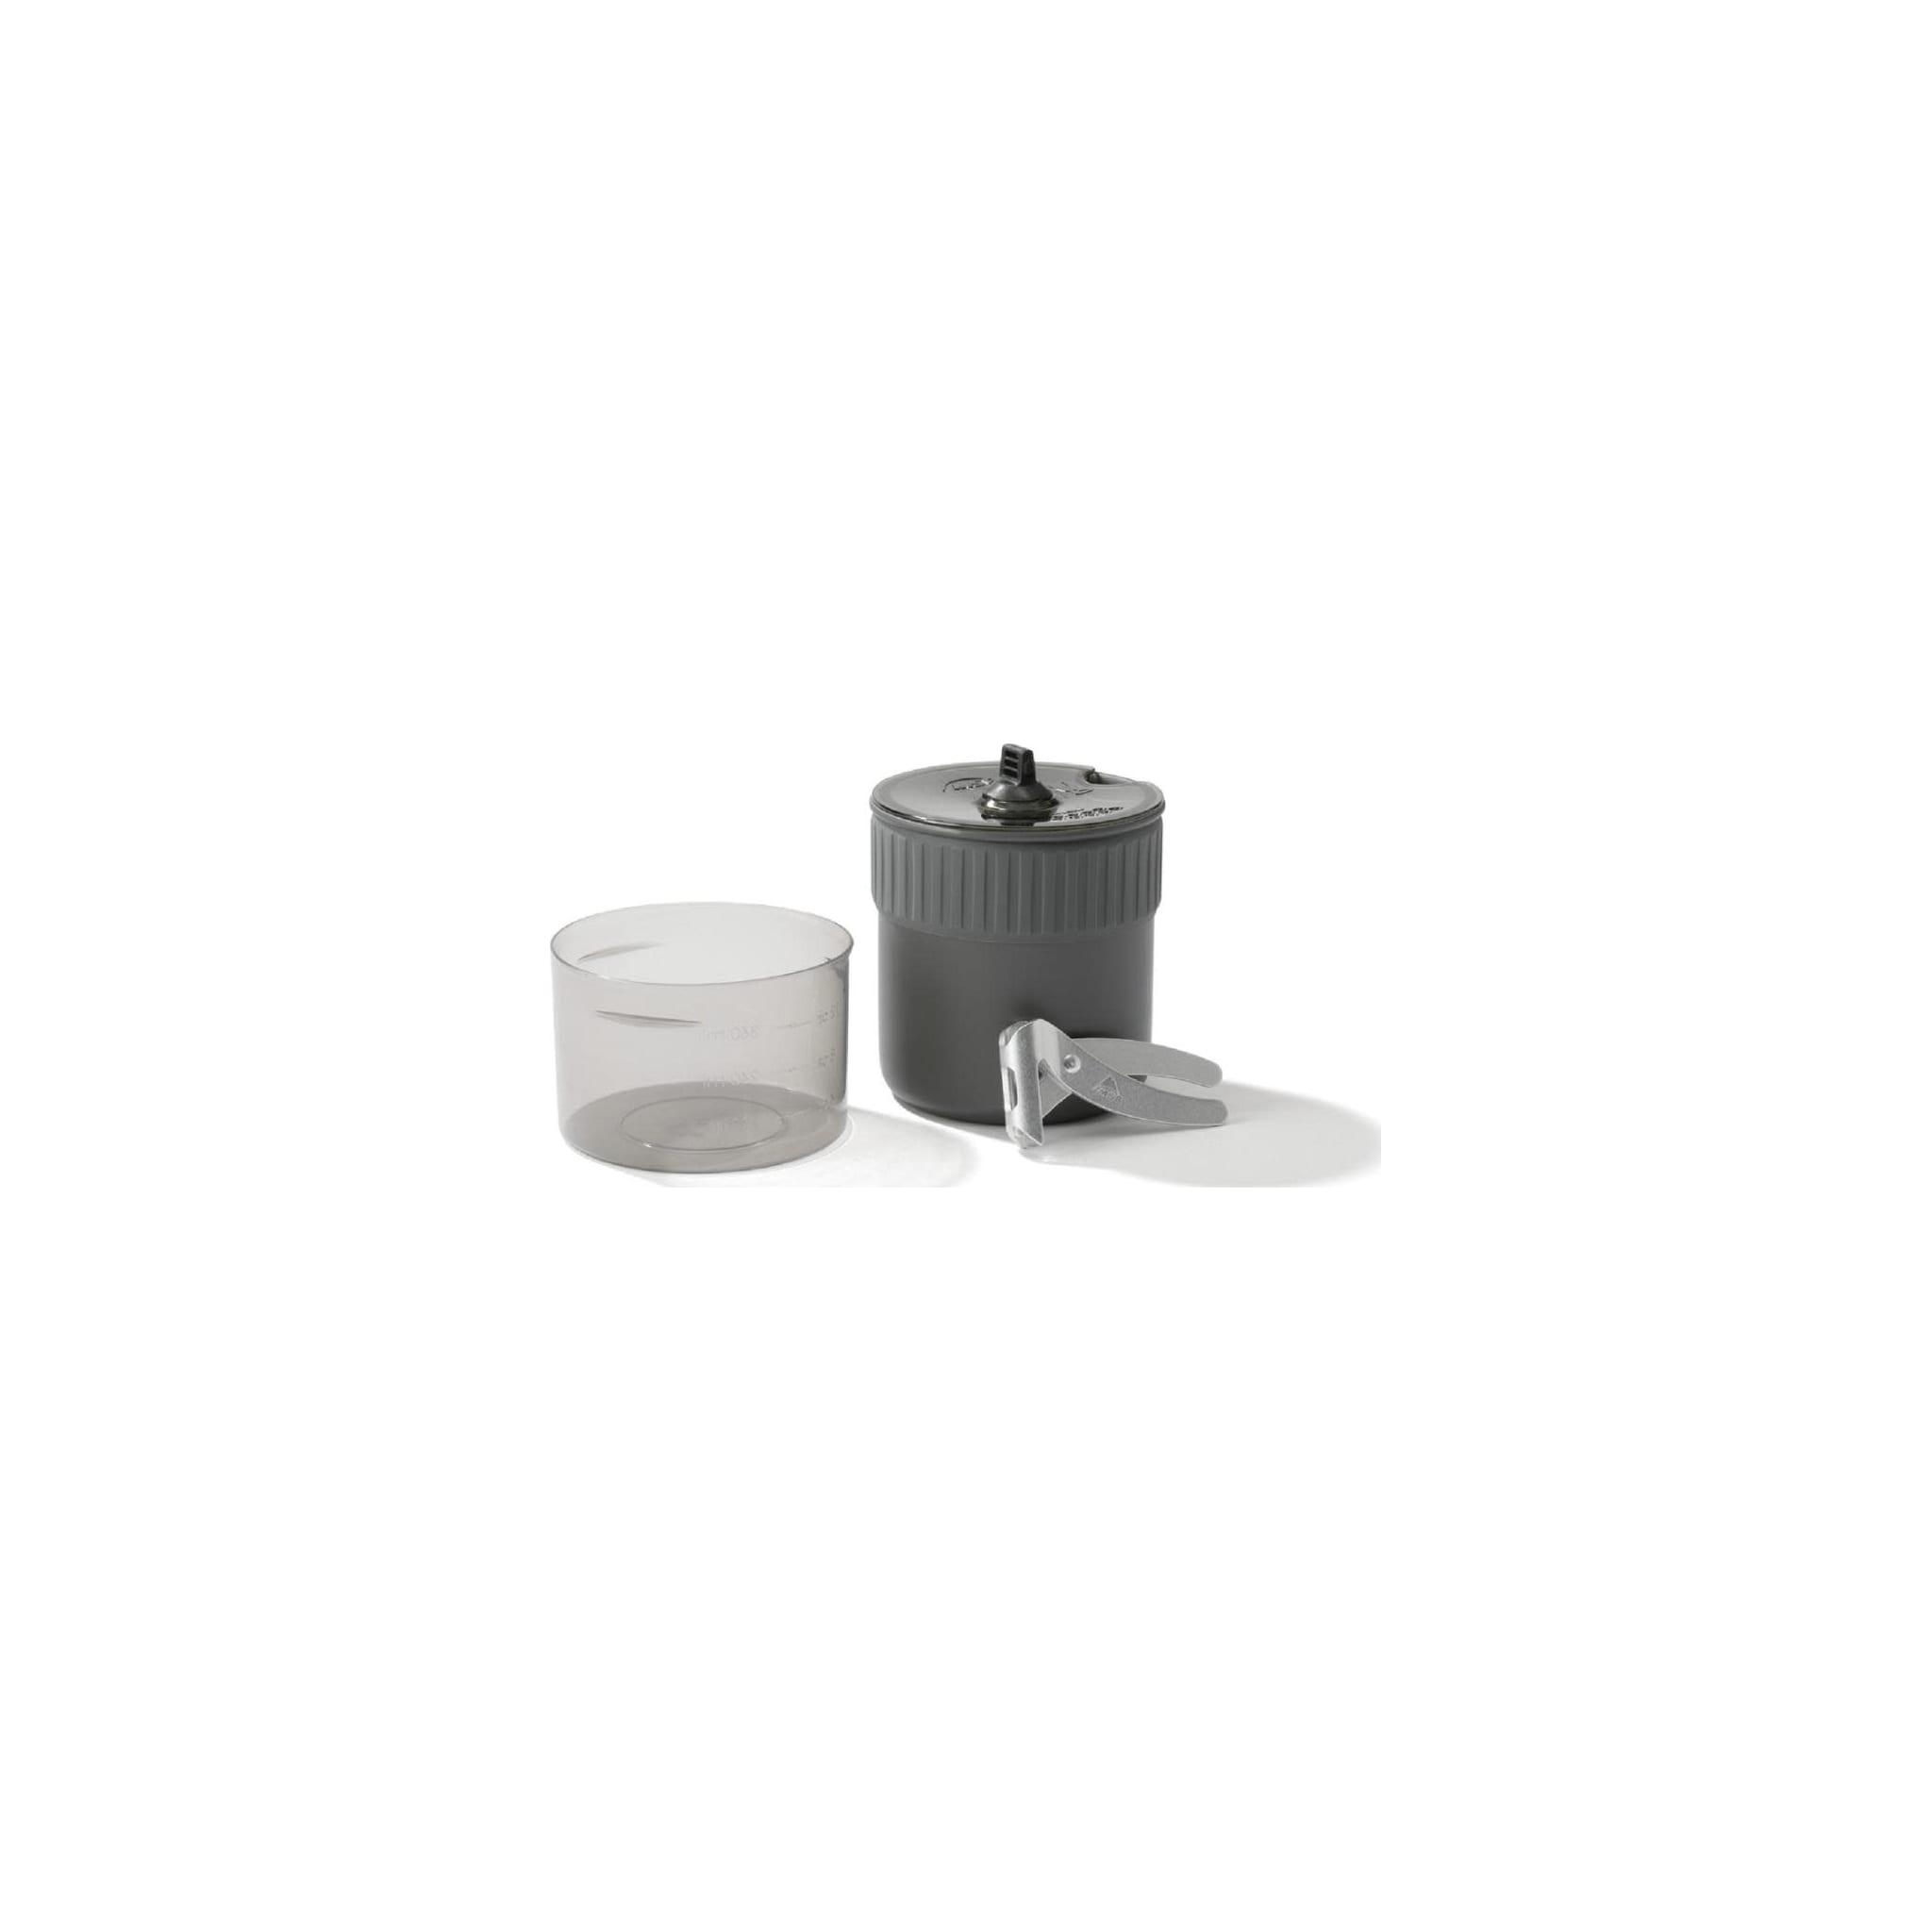 Superlett kjele for vannkoking med plass til brenner og gassboks til to personer